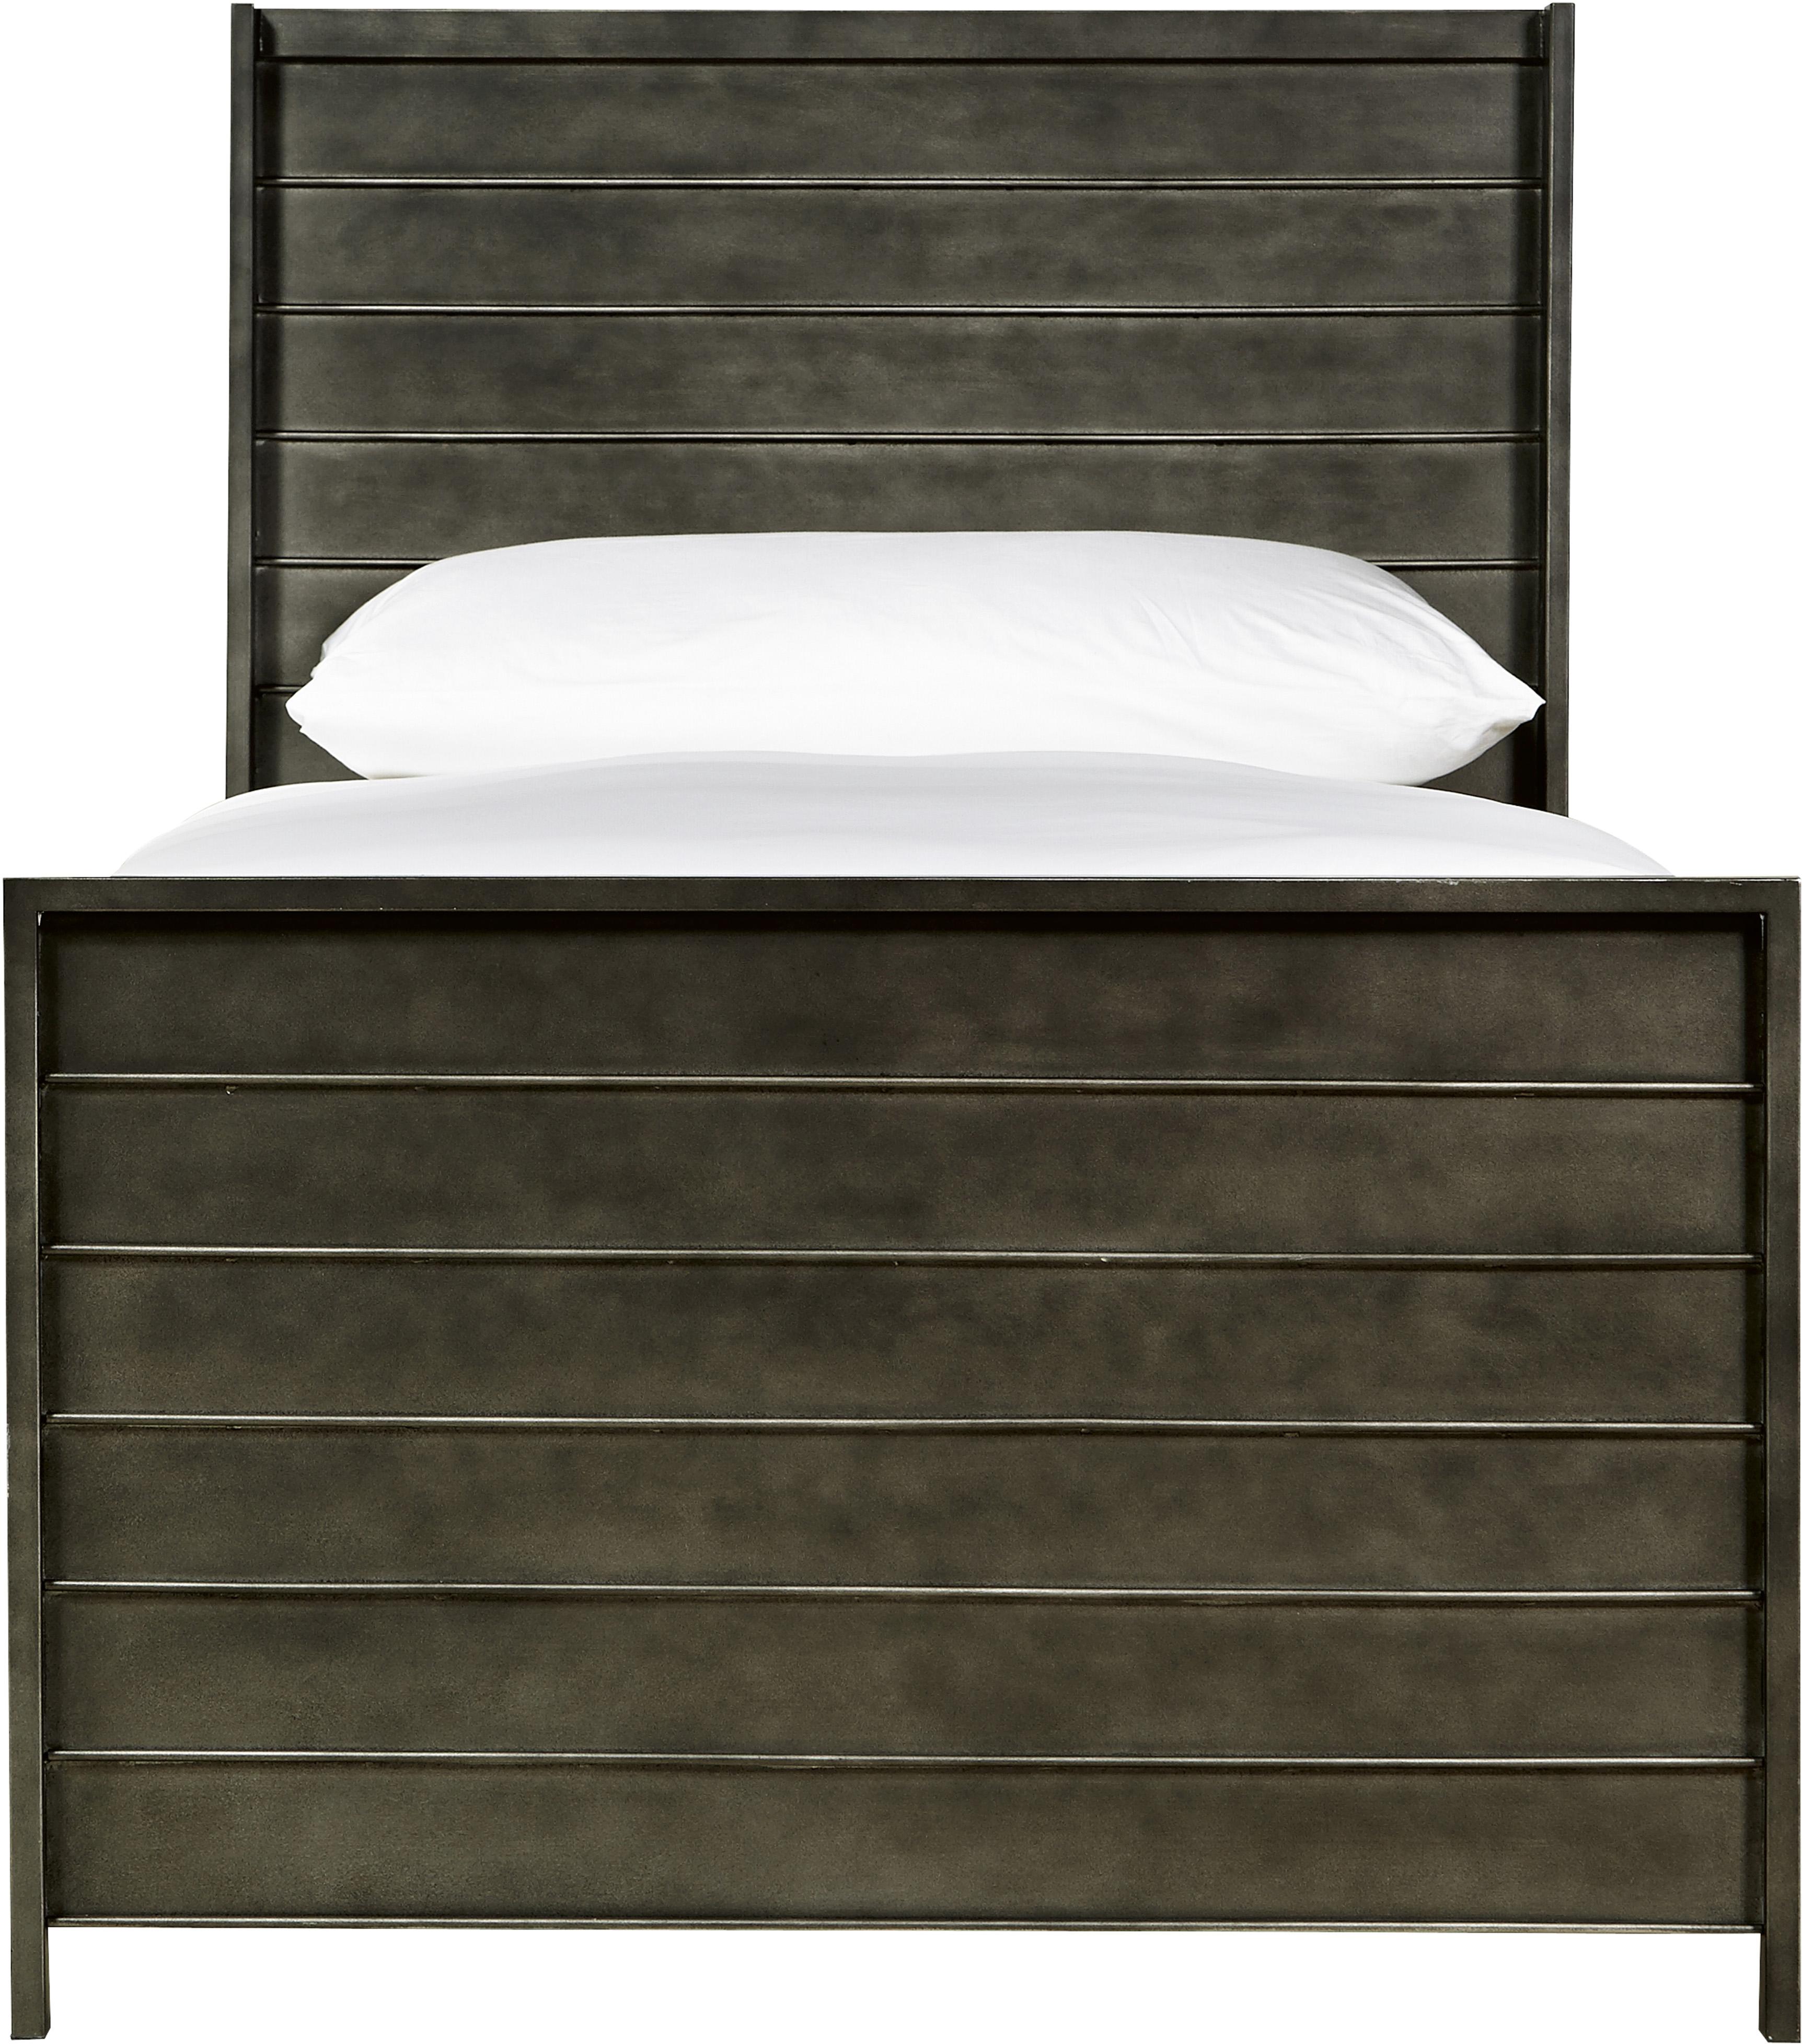 Smartstuff Varsity Twin Metal Panel Bed - Item Number: 5351036